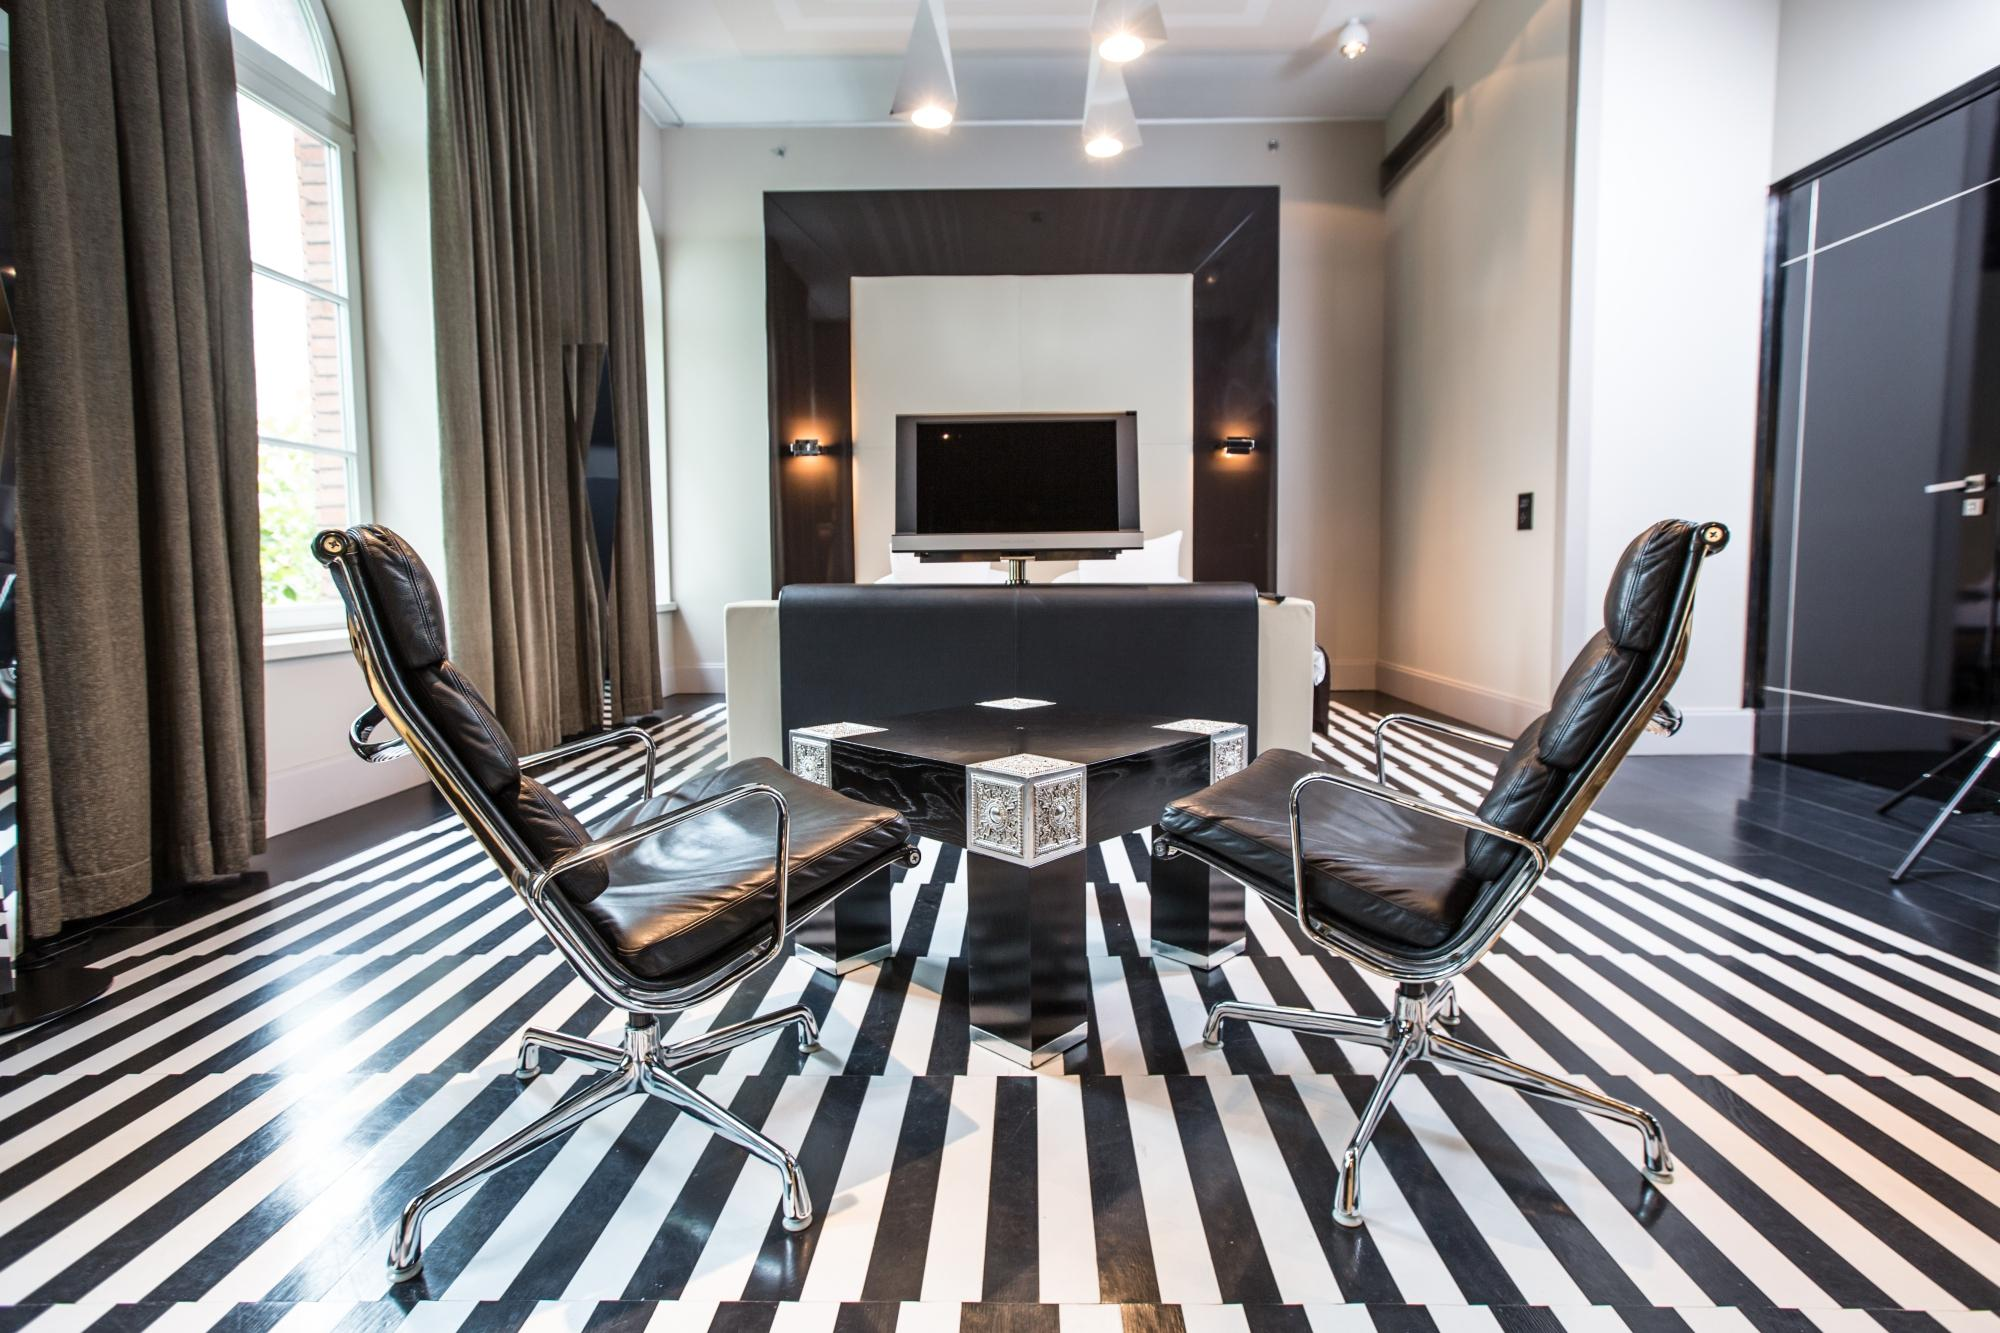 Fotele przy telewizorze